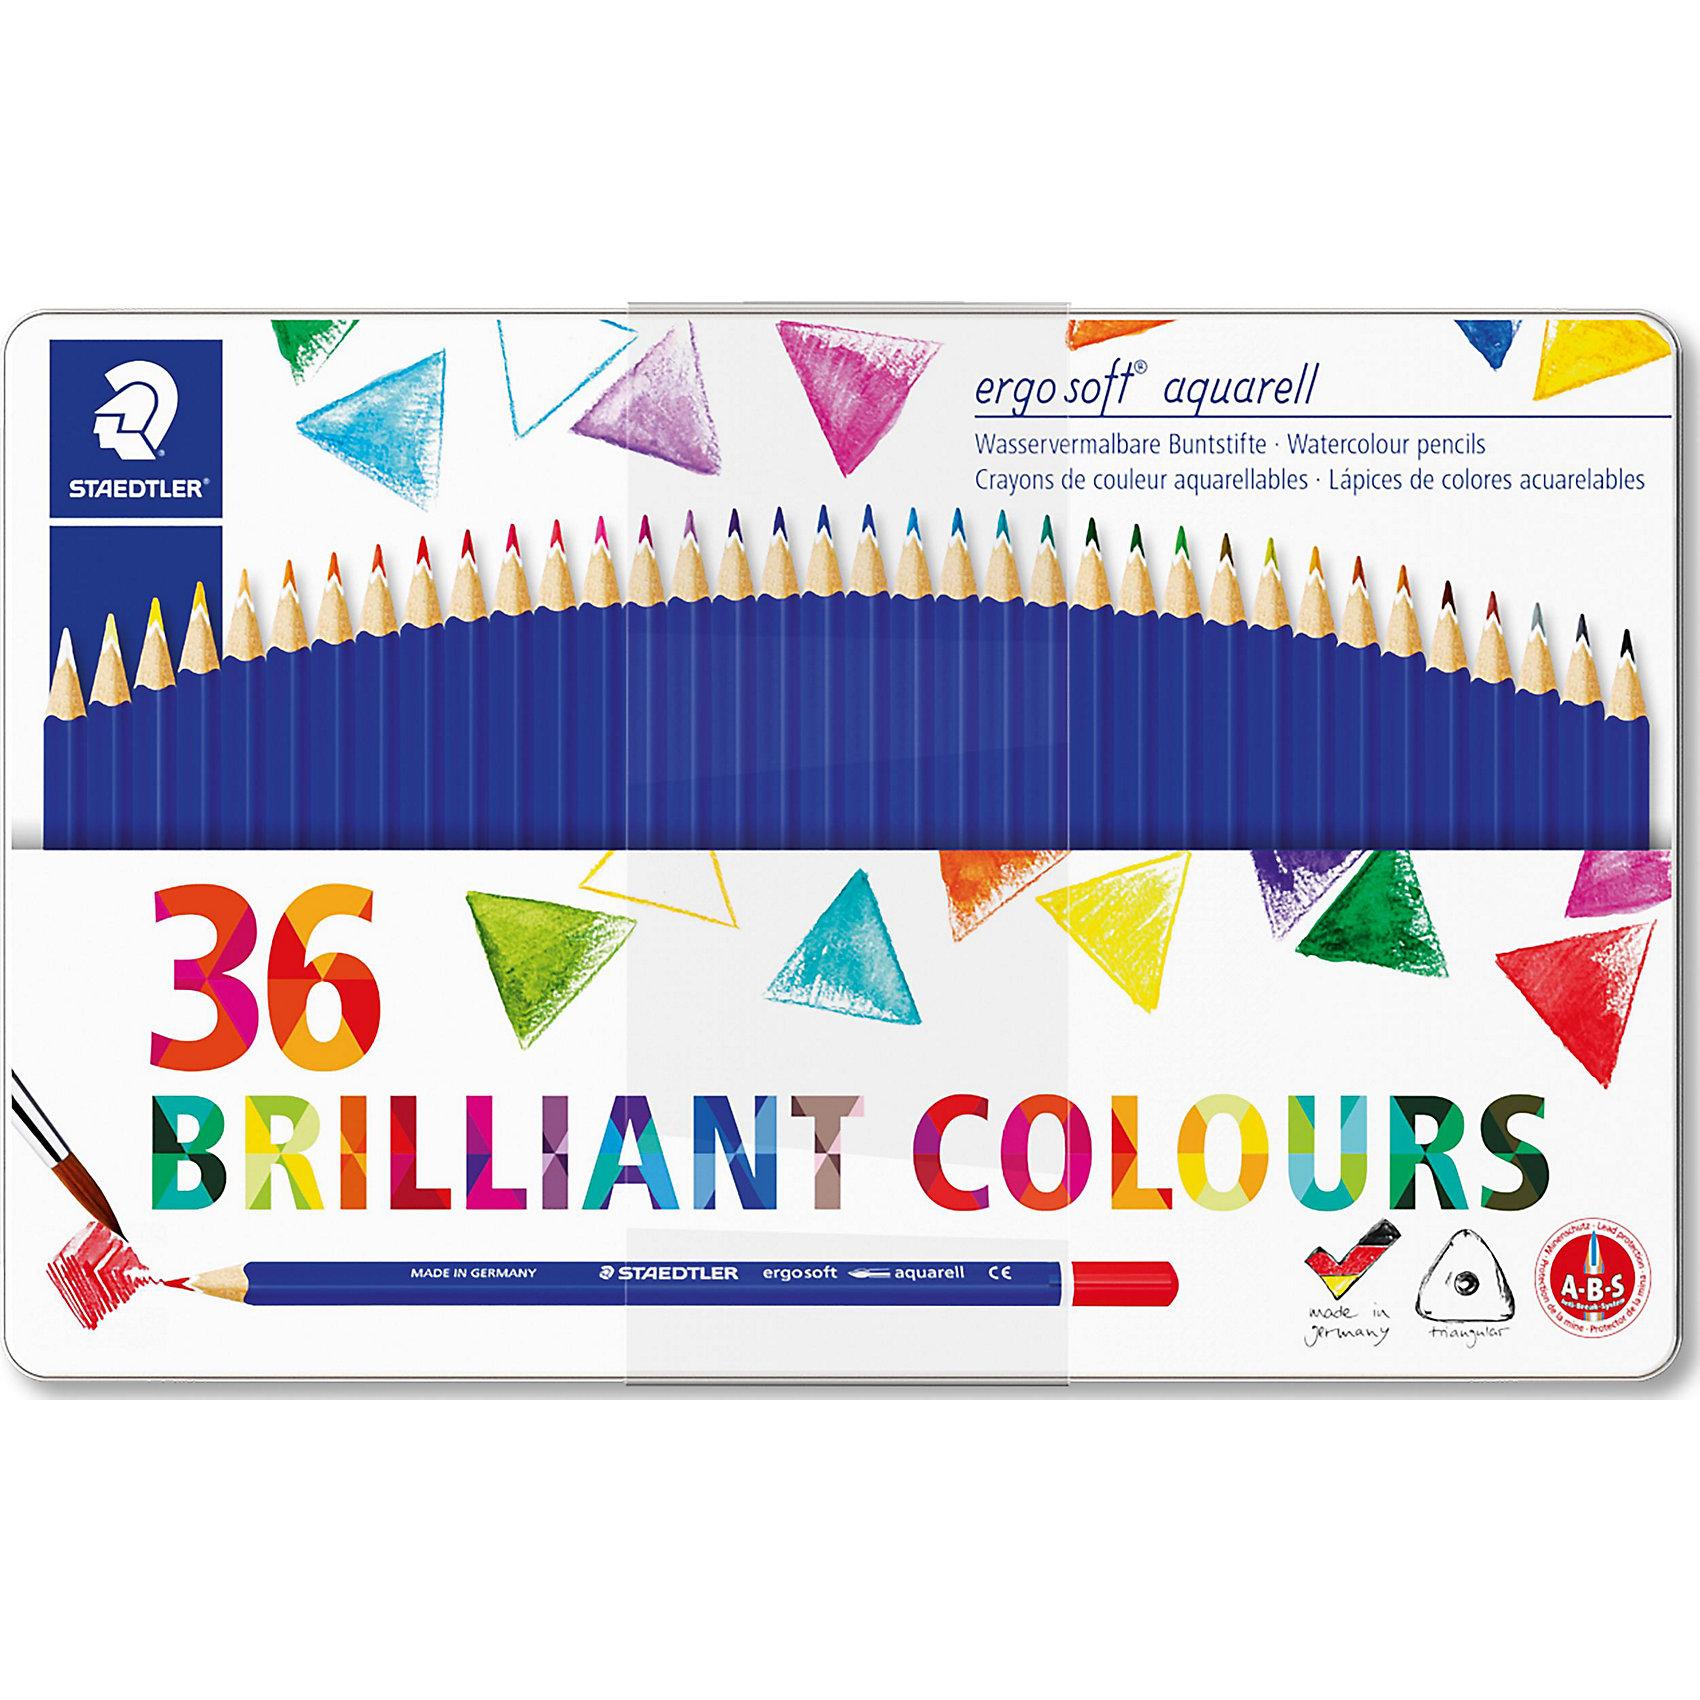 Набор акварельных карандашей ergosoft, трехгранные, 36 цветовРисование и лепка<br>Набор акварельных карандашей ergosoft, трехгранные, 36 цветов.<br><br>Характеристики:<br><br>• Для детей в возрасте: от 5 лет<br>• В наборе: 36 акварельных карандашей<br>• Количество цветов: 36<br>• Материал корпуса: древесина сертифицированных и специально подготовленных лесов<br>• Упаковка: металлическая коробка с подвесом<br>• Размер упаковки: 183x290x10 мм.<br>• Вес: 442 гр.<br><br>Набор цветных акварельных карандашей ergosoft в металлической упаковке с подвесом, непременно, понравится вашему юному художнику. Набор включает в себя 36 акварельных карандашей, ярких насыщенных цветов. Карандашами можно рисовать как обычными цветными или создавать разнообразные акварельные эффекты, намочив грифель водой или размыв сухой рисунок кисточкой. Карандаши имеют эргономичную трехгранную форму для удобного и легкого письма, уникальное нескользящее мягкое покрытие с полем для имени, очень мягкий и яркий грифель. Система защиты от поломки ABS (Anti-break-system) увеличивает устойчивость и сокращает ломкость грифеля. Карандаши легко затачивать. Корпус карандашей изготовлен из древесины сертифицированных и специально подготовленных лесов.<br><br>Набор акварельных карандашей ergosoft, трехгранные, 36 цветов можно купить в нашем интернет-магазине.<br><br>Ширина мм: 292<br>Глубина мм: 183<br>Высота мм: 110<br>Вес г: 441<br>Возраст от месяцев: 60<br>Возраст до месяцев: 2147483647<br>Пол: Унисекс<br>Возраст: Детский<br>SKU: 5529993